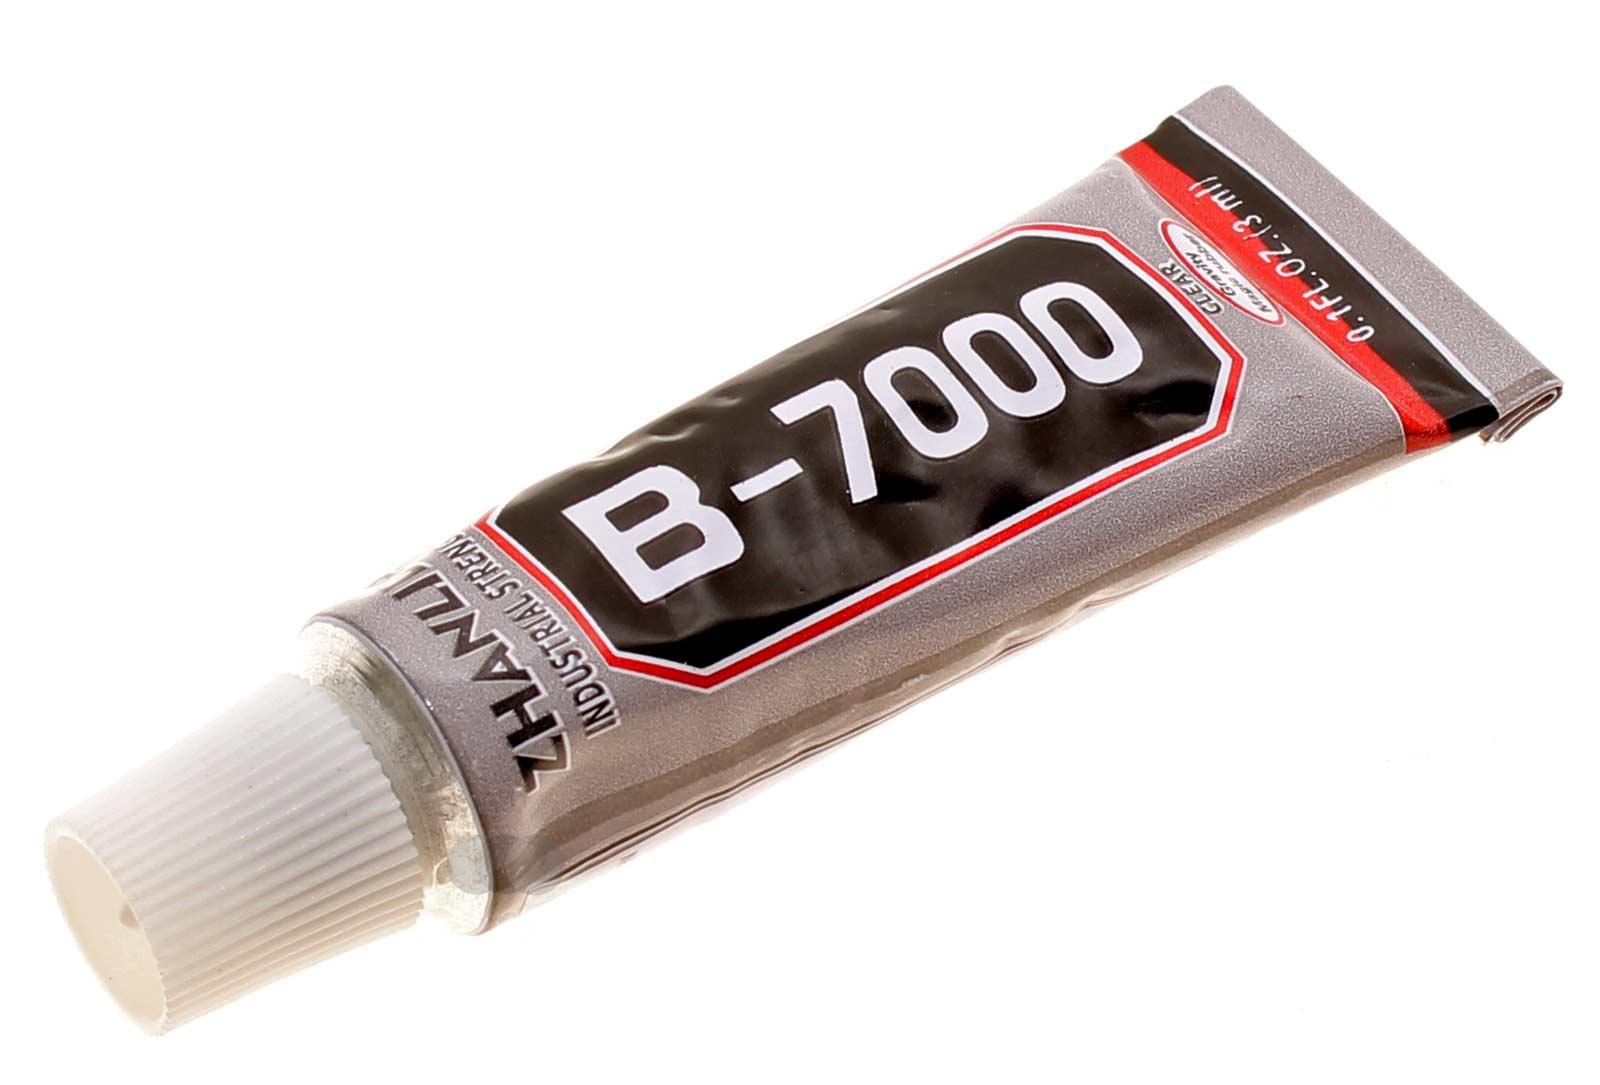 b-7000 3ml mehrzweck flüssig kleber in tube | b7000 | ebay